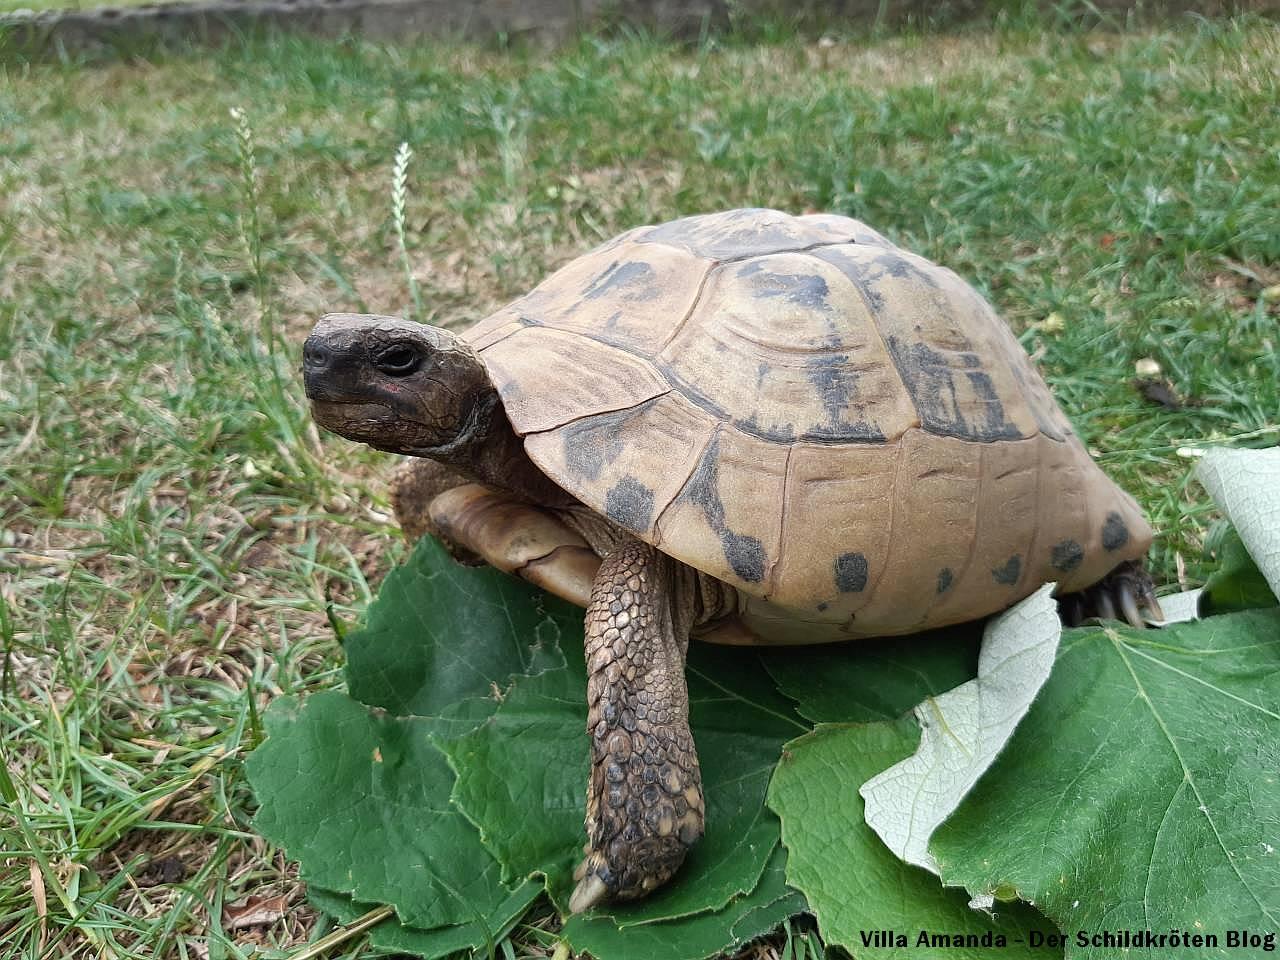 Schildkröten haben wieder Eier gelegt